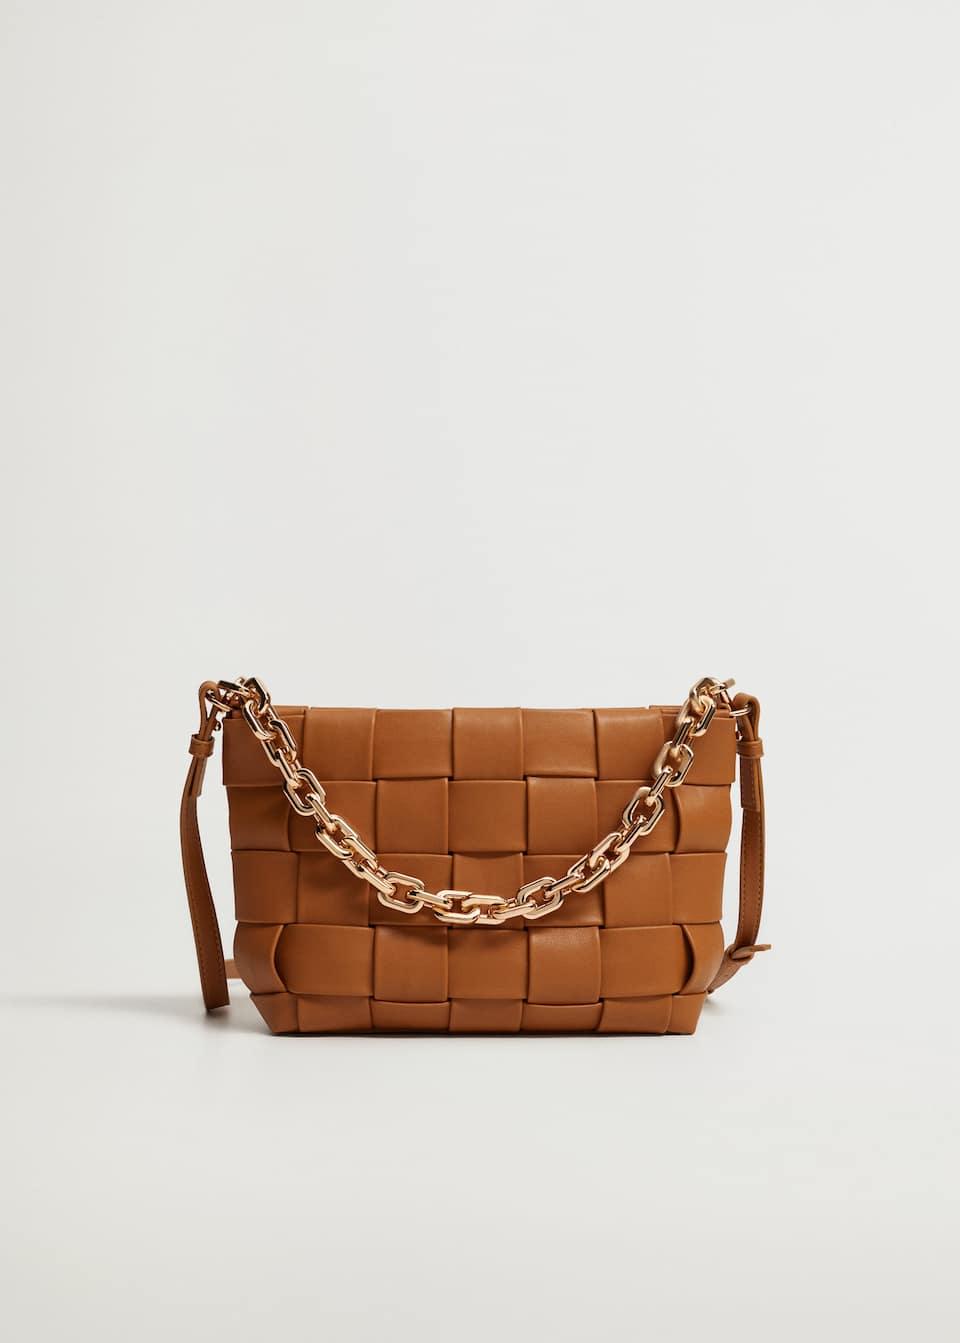 Chain braided bag - mango